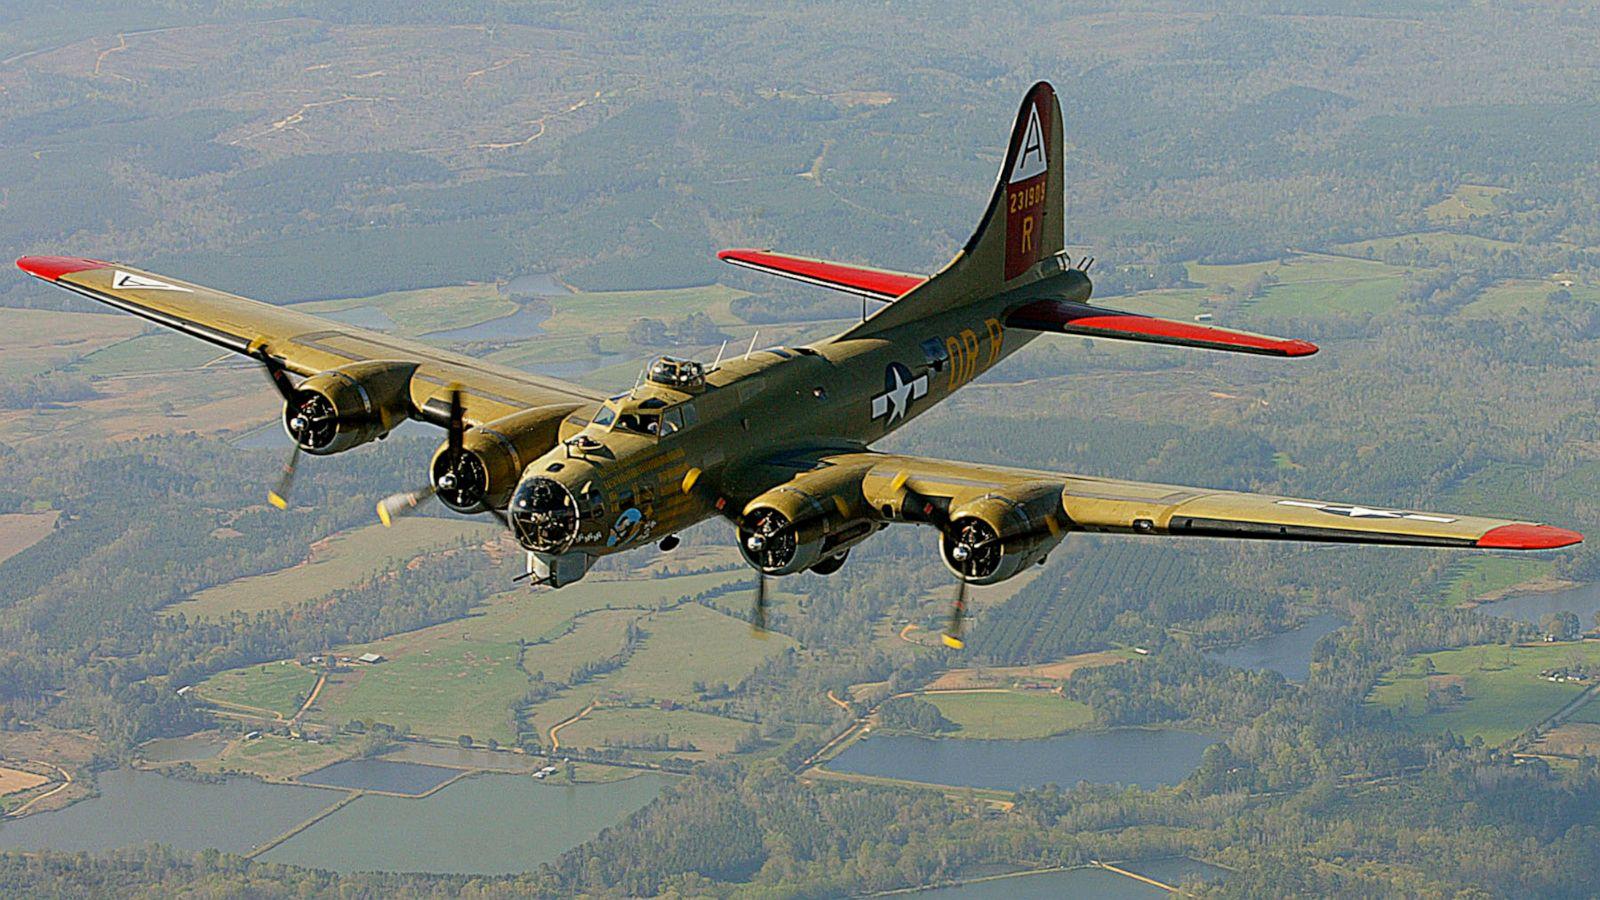 B 17 Crash Raises Questions About Vintage Plane Safety Abc News